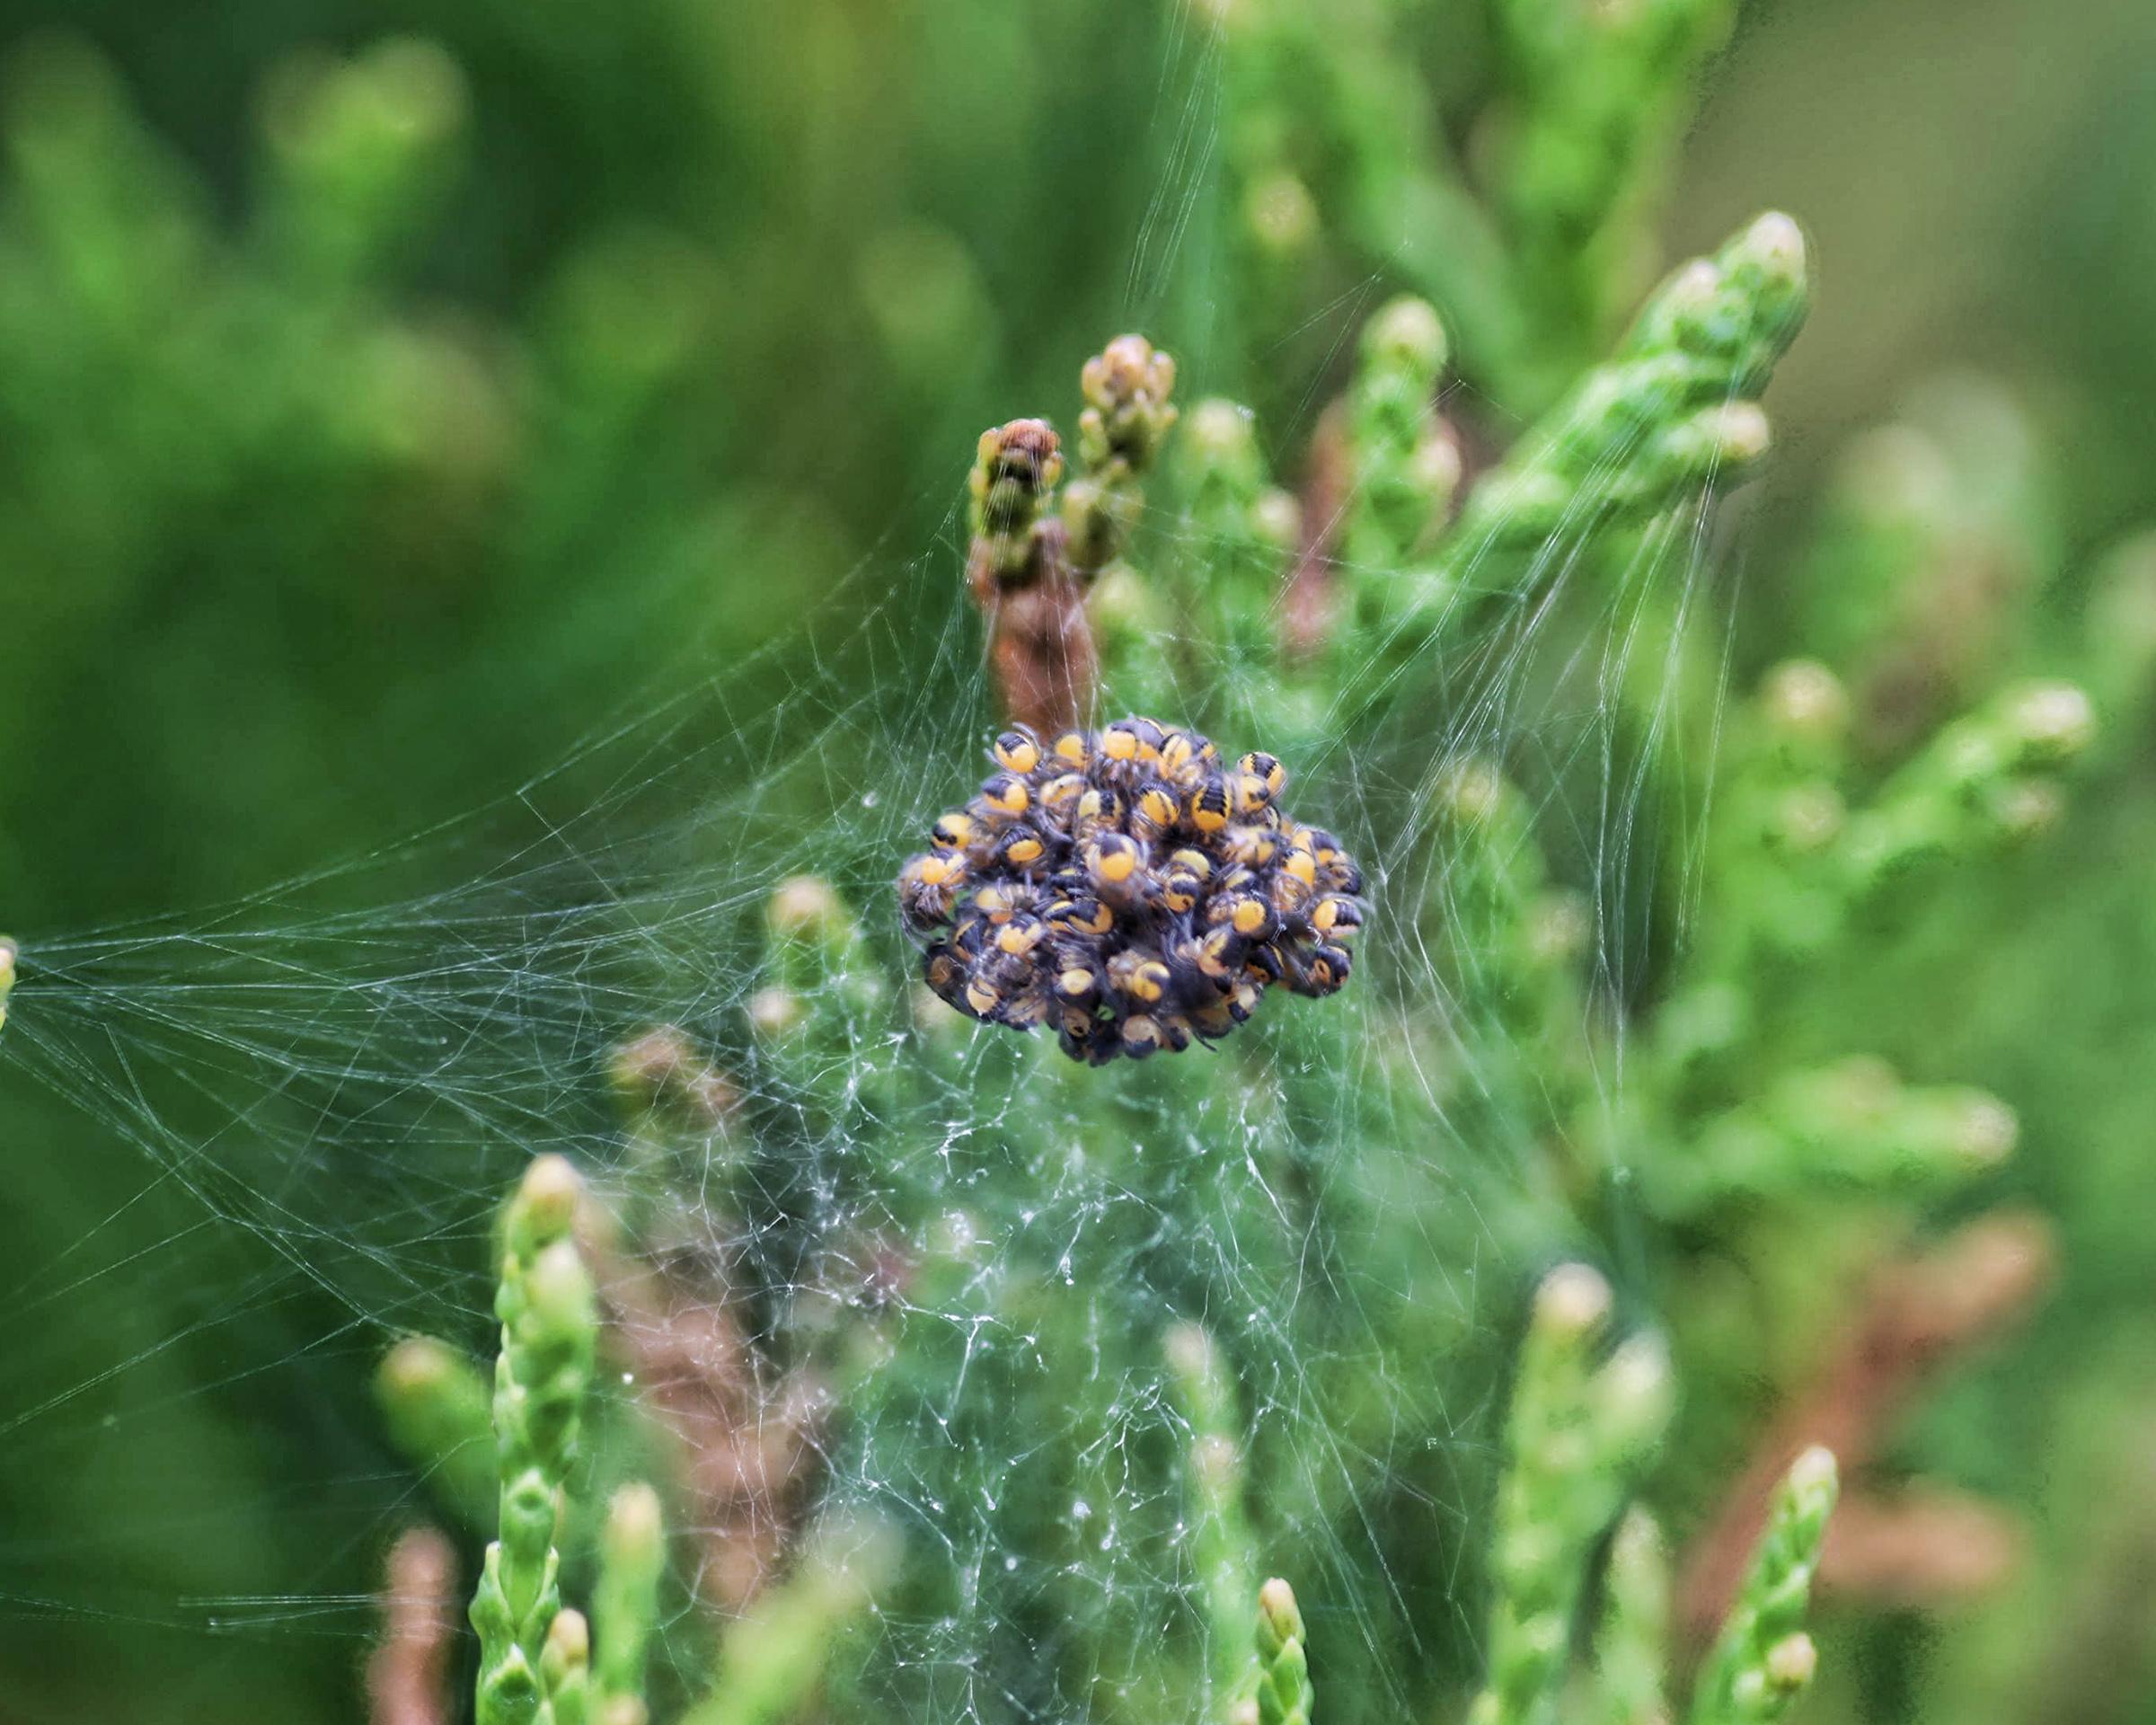 Spiders photo